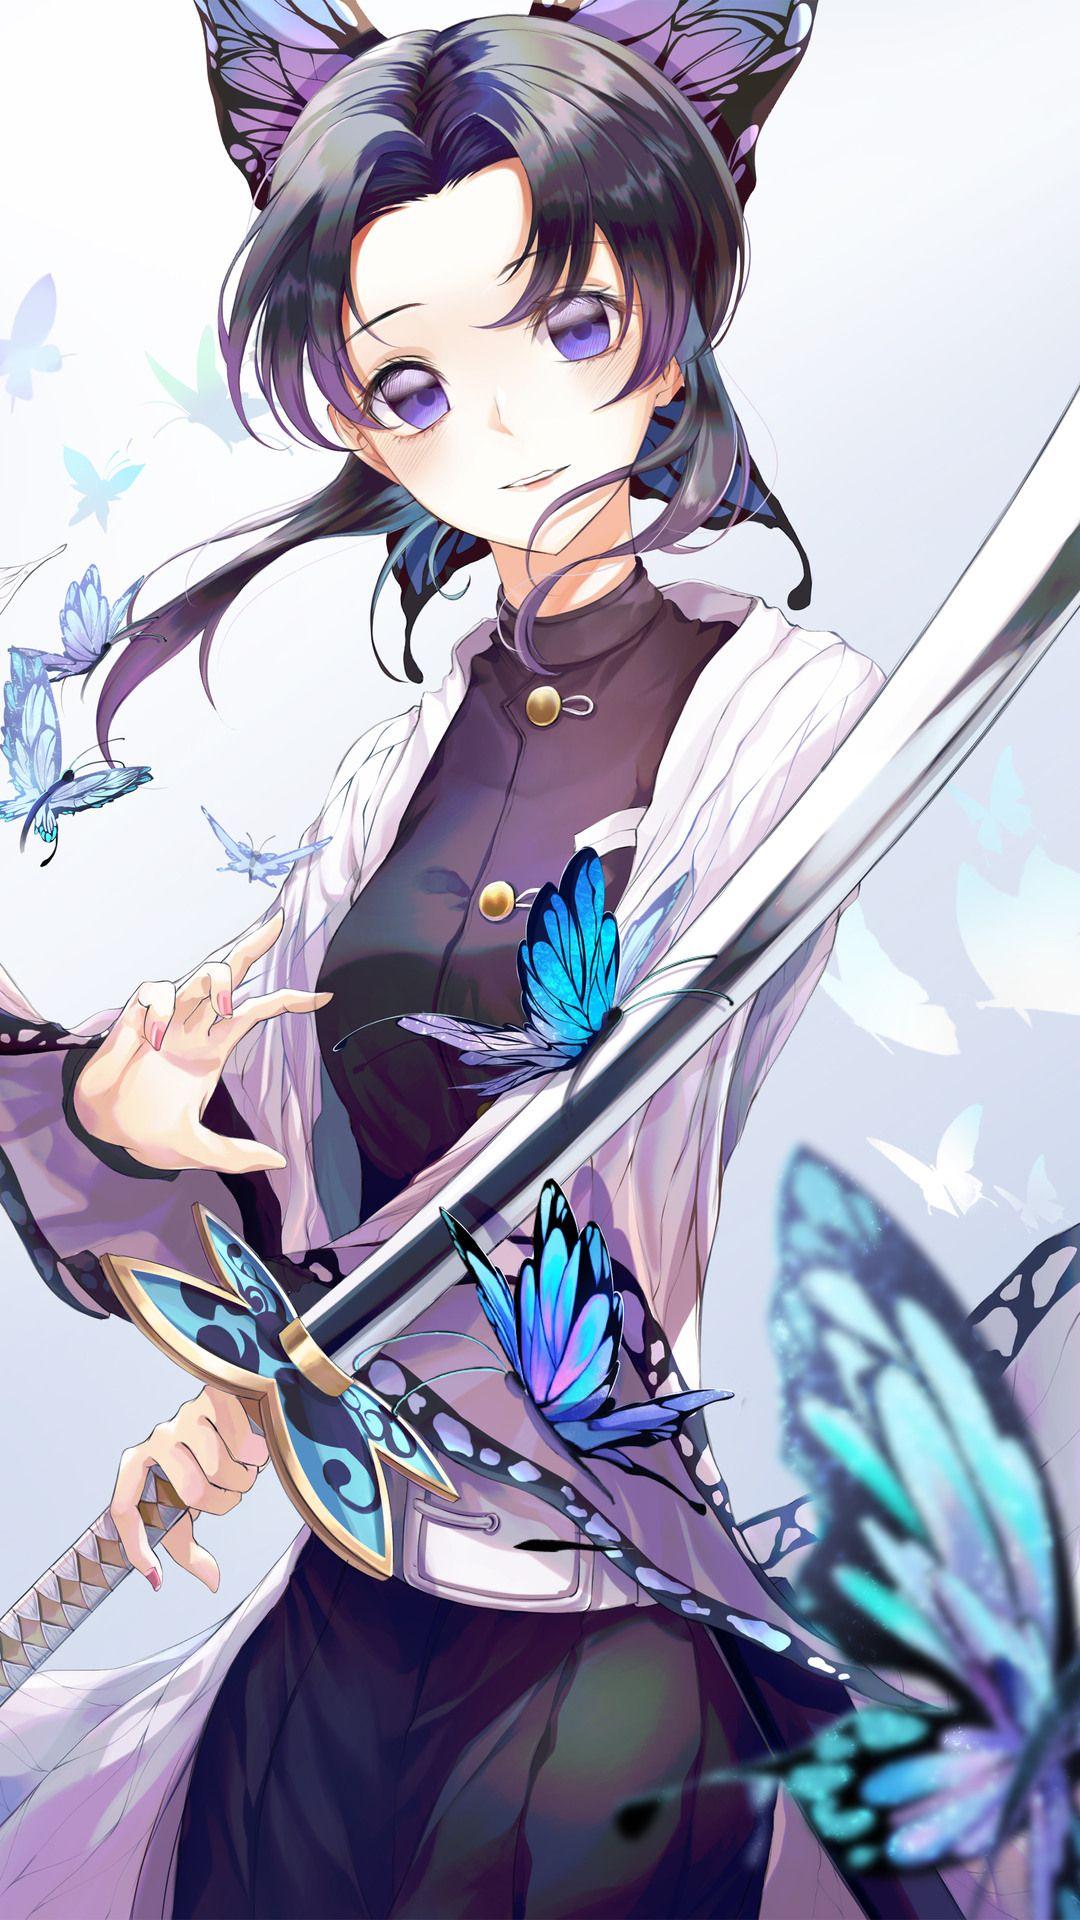 Best demon slayer shinobu kocho hd wallpaper hd 2020 trong